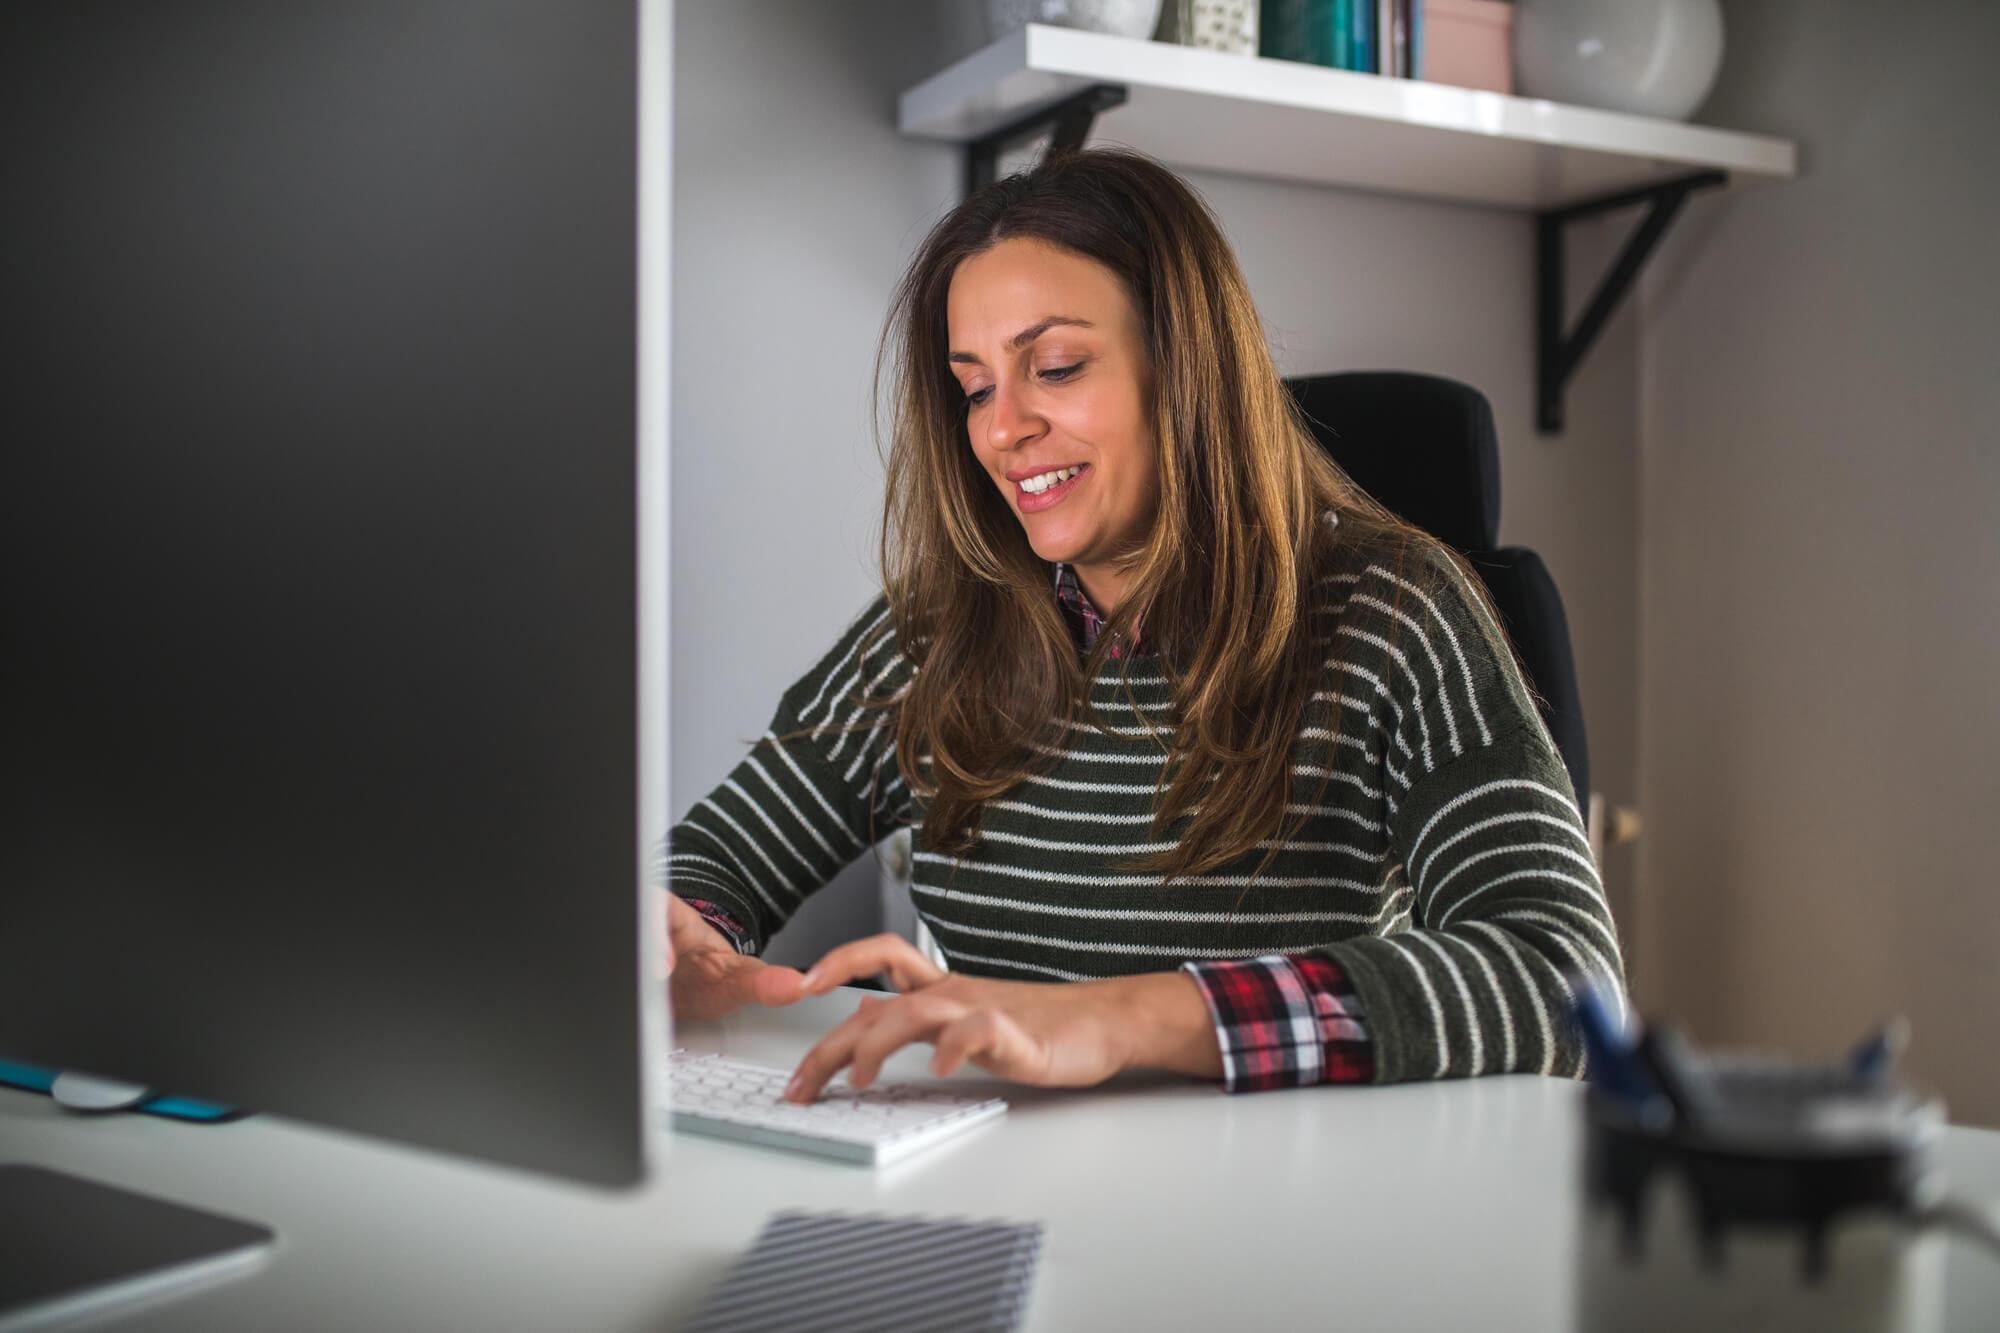 Recolocação no mercado de trabalho: conheça as melhores práticas!